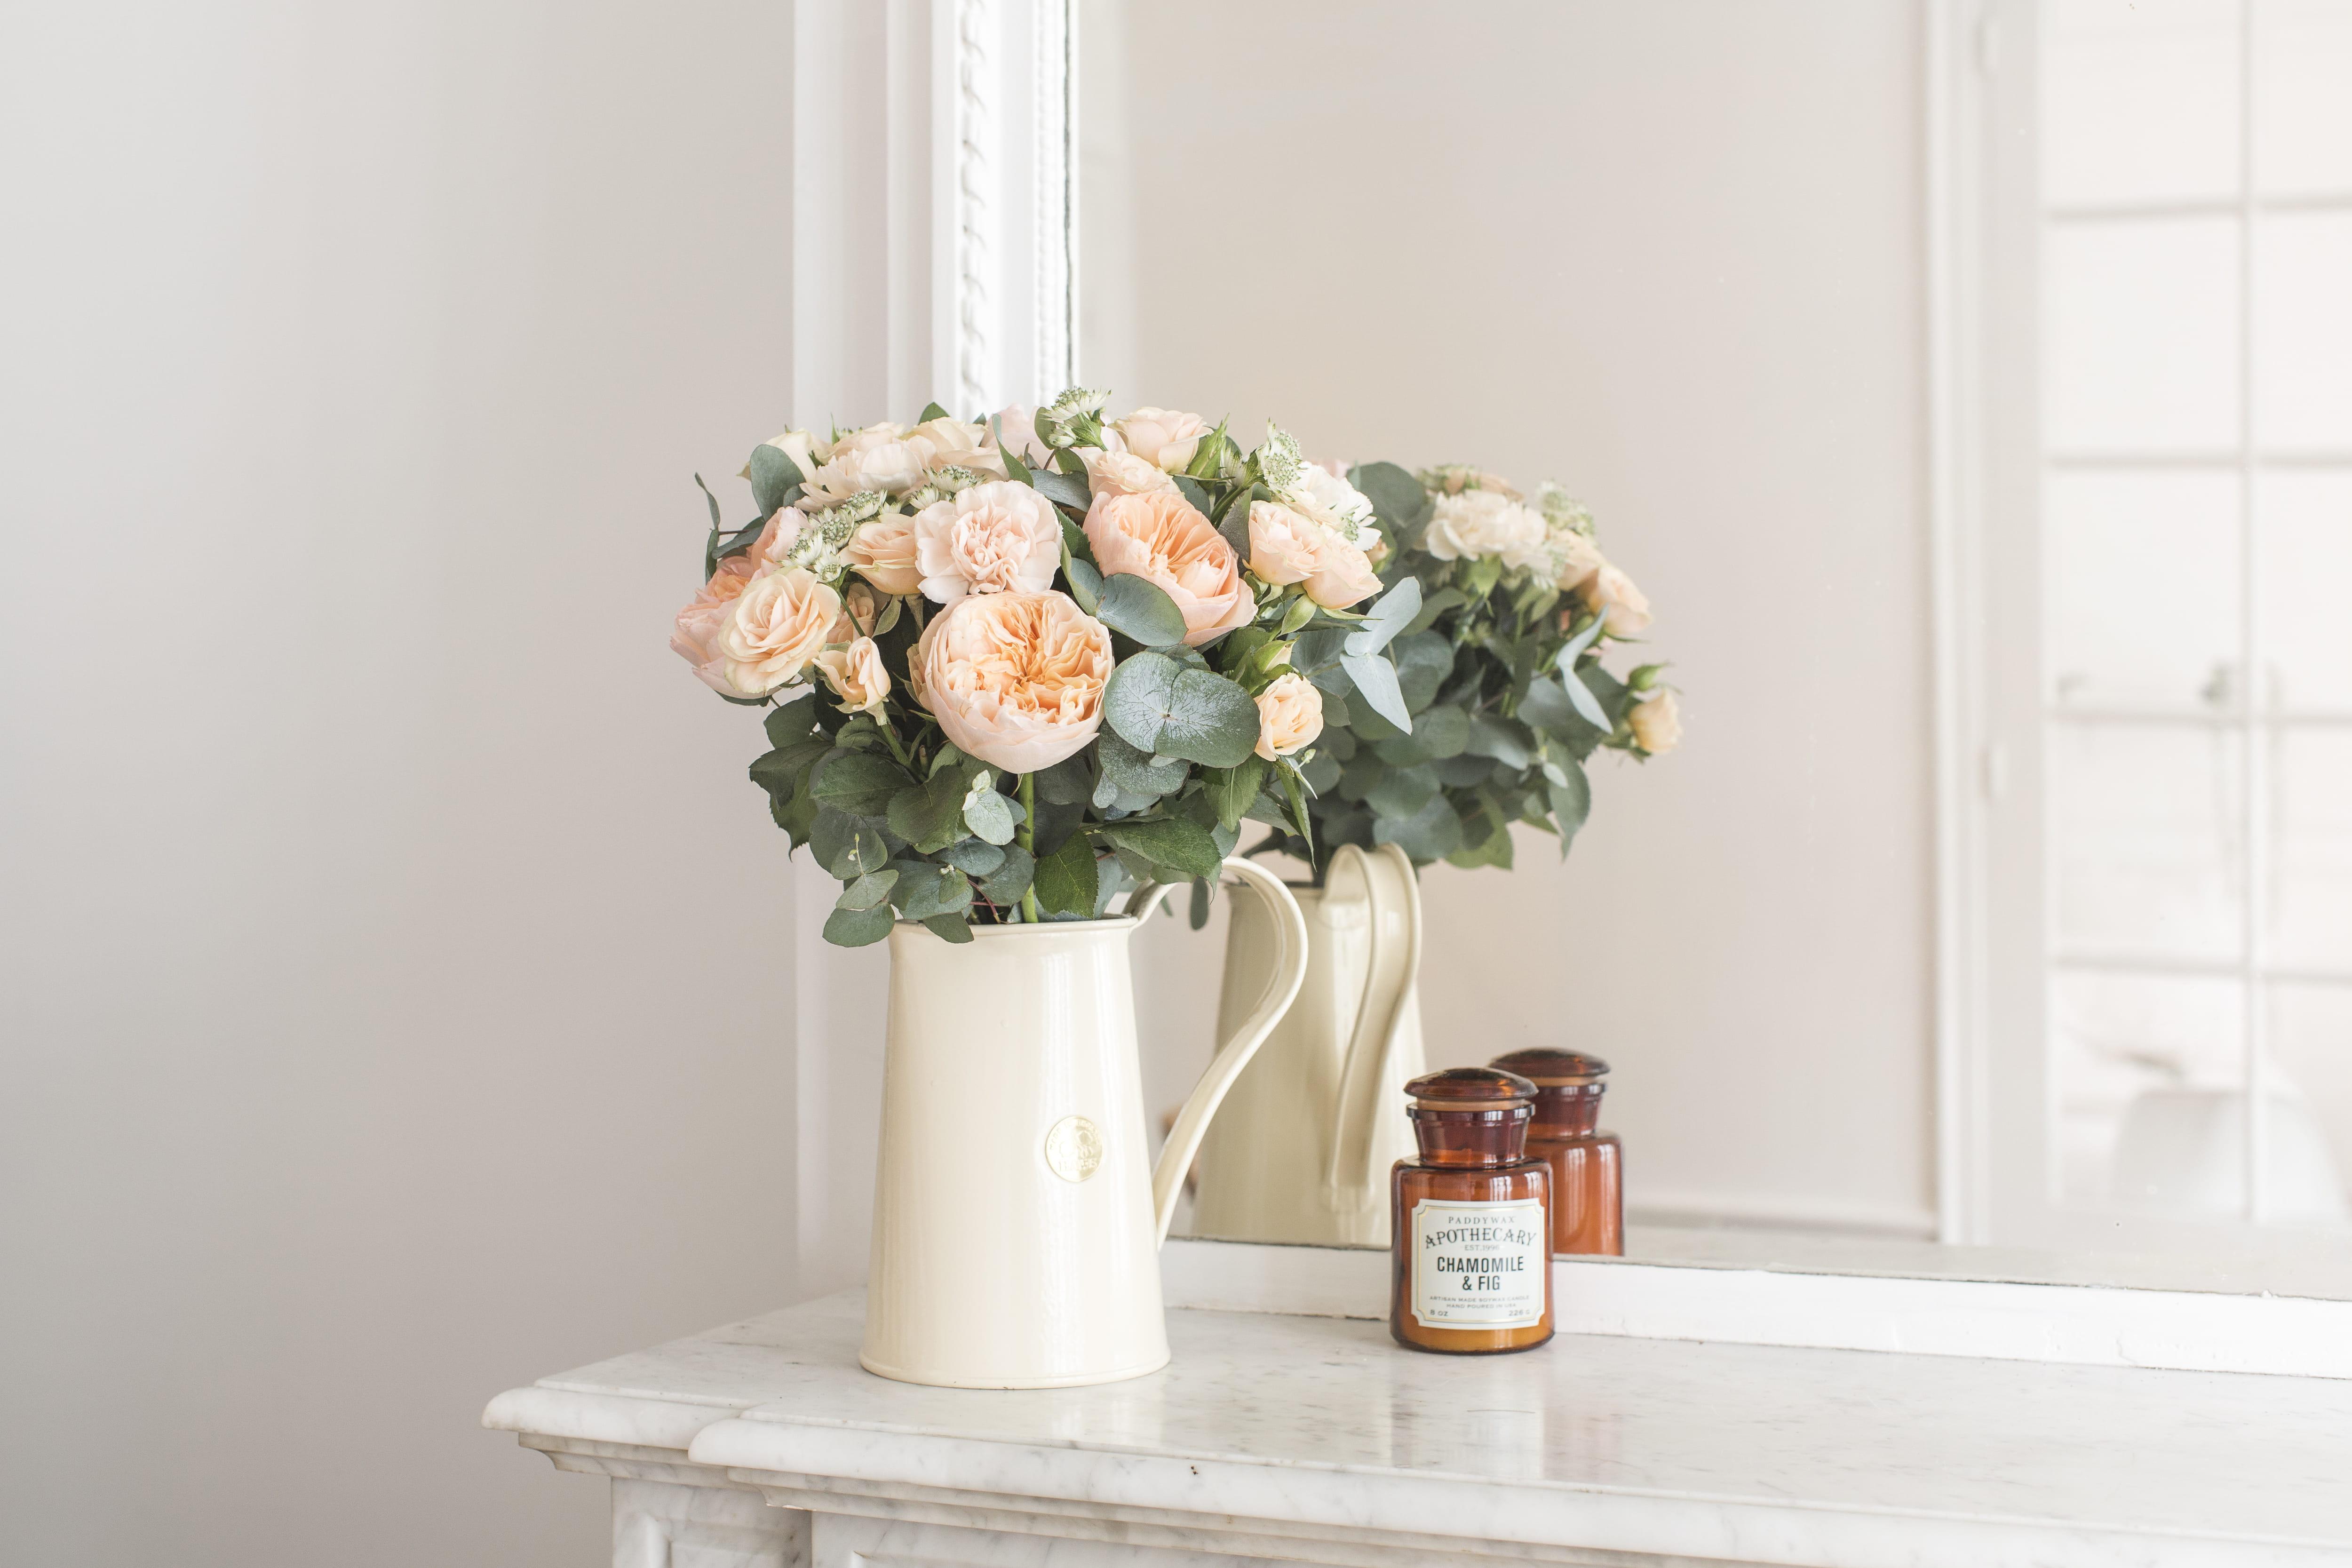 fleuristes 2.0 : notre sélection de box de fleurs